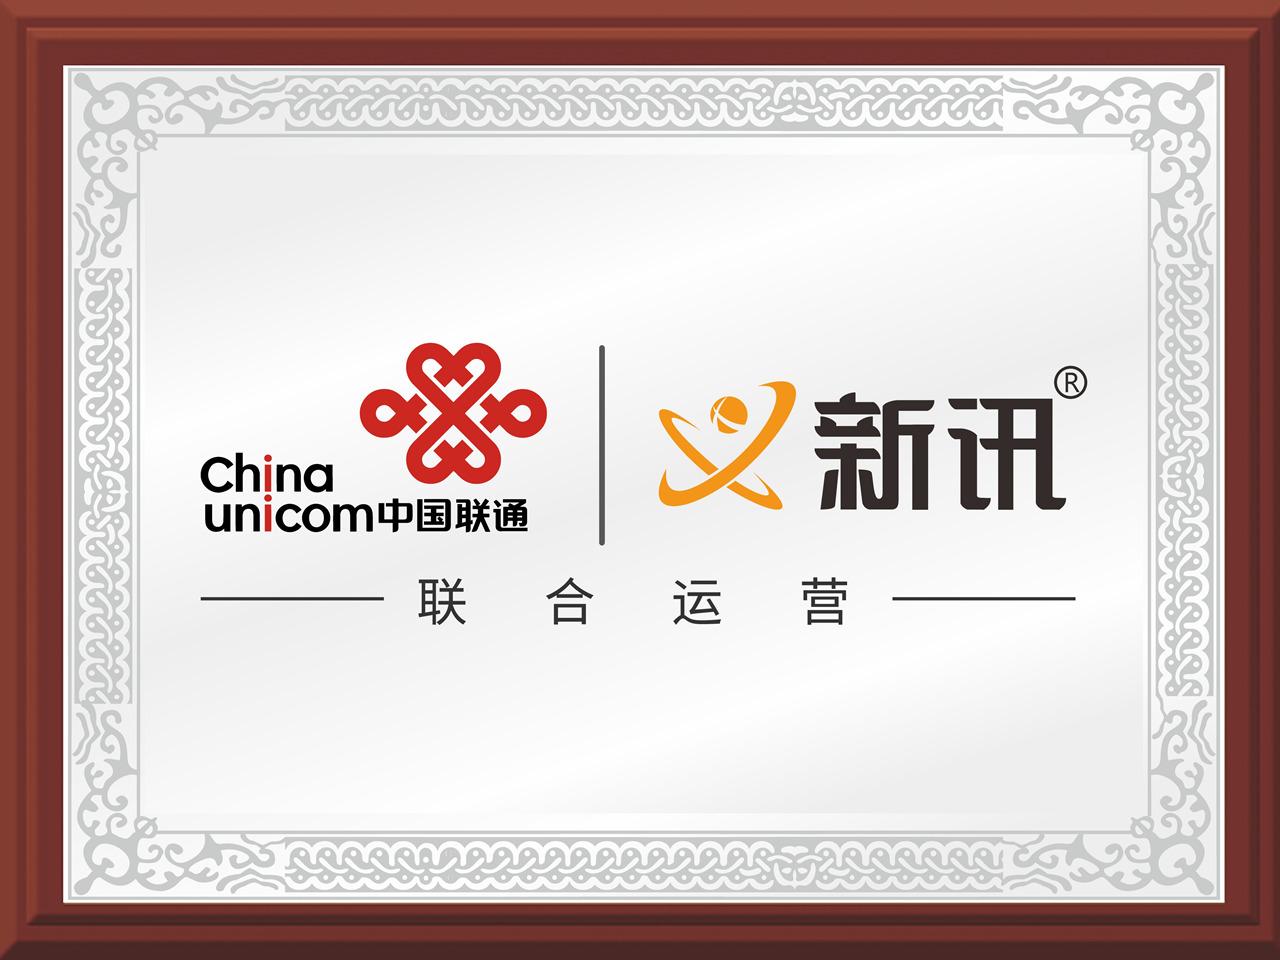 新讯与中国联通深化合作,助力民生5G用网大升级